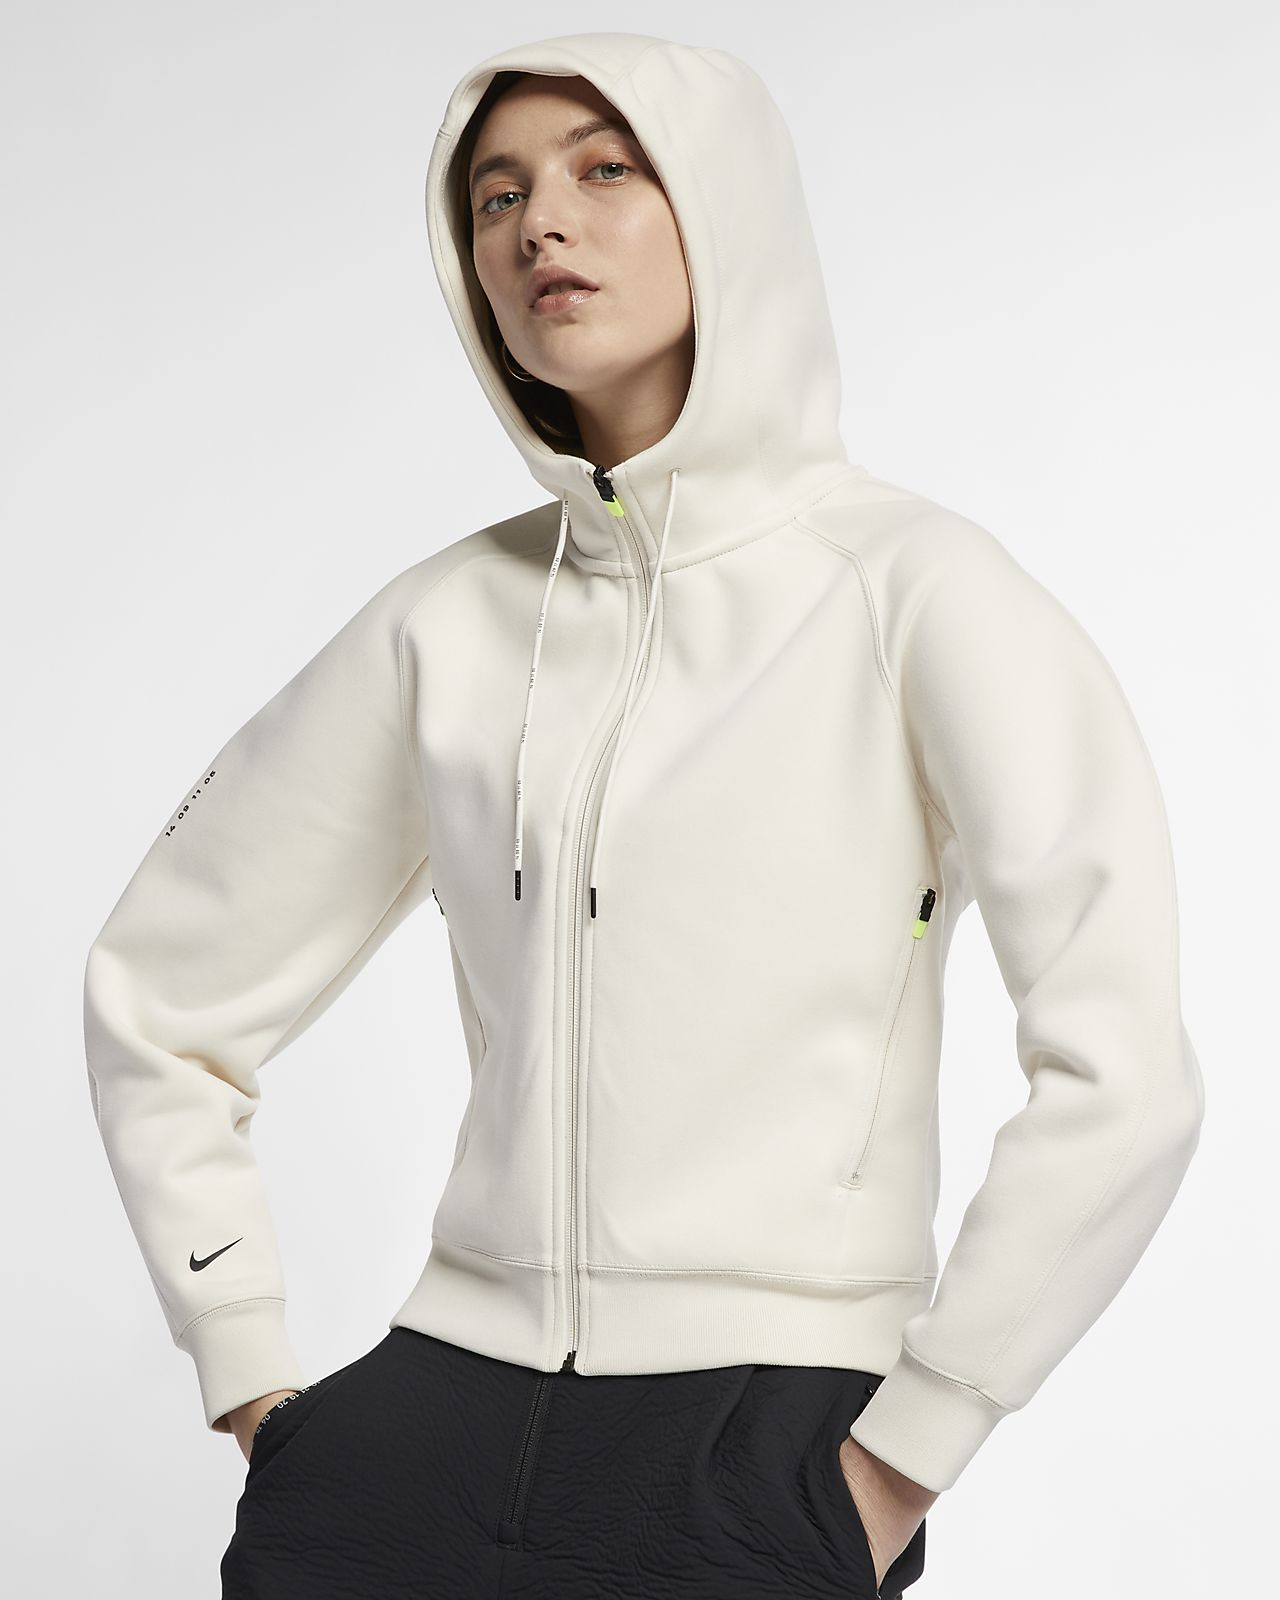 Dámská flísová mikina Nike Sportswear Tech Pack s kapucí a zipem po celé délce